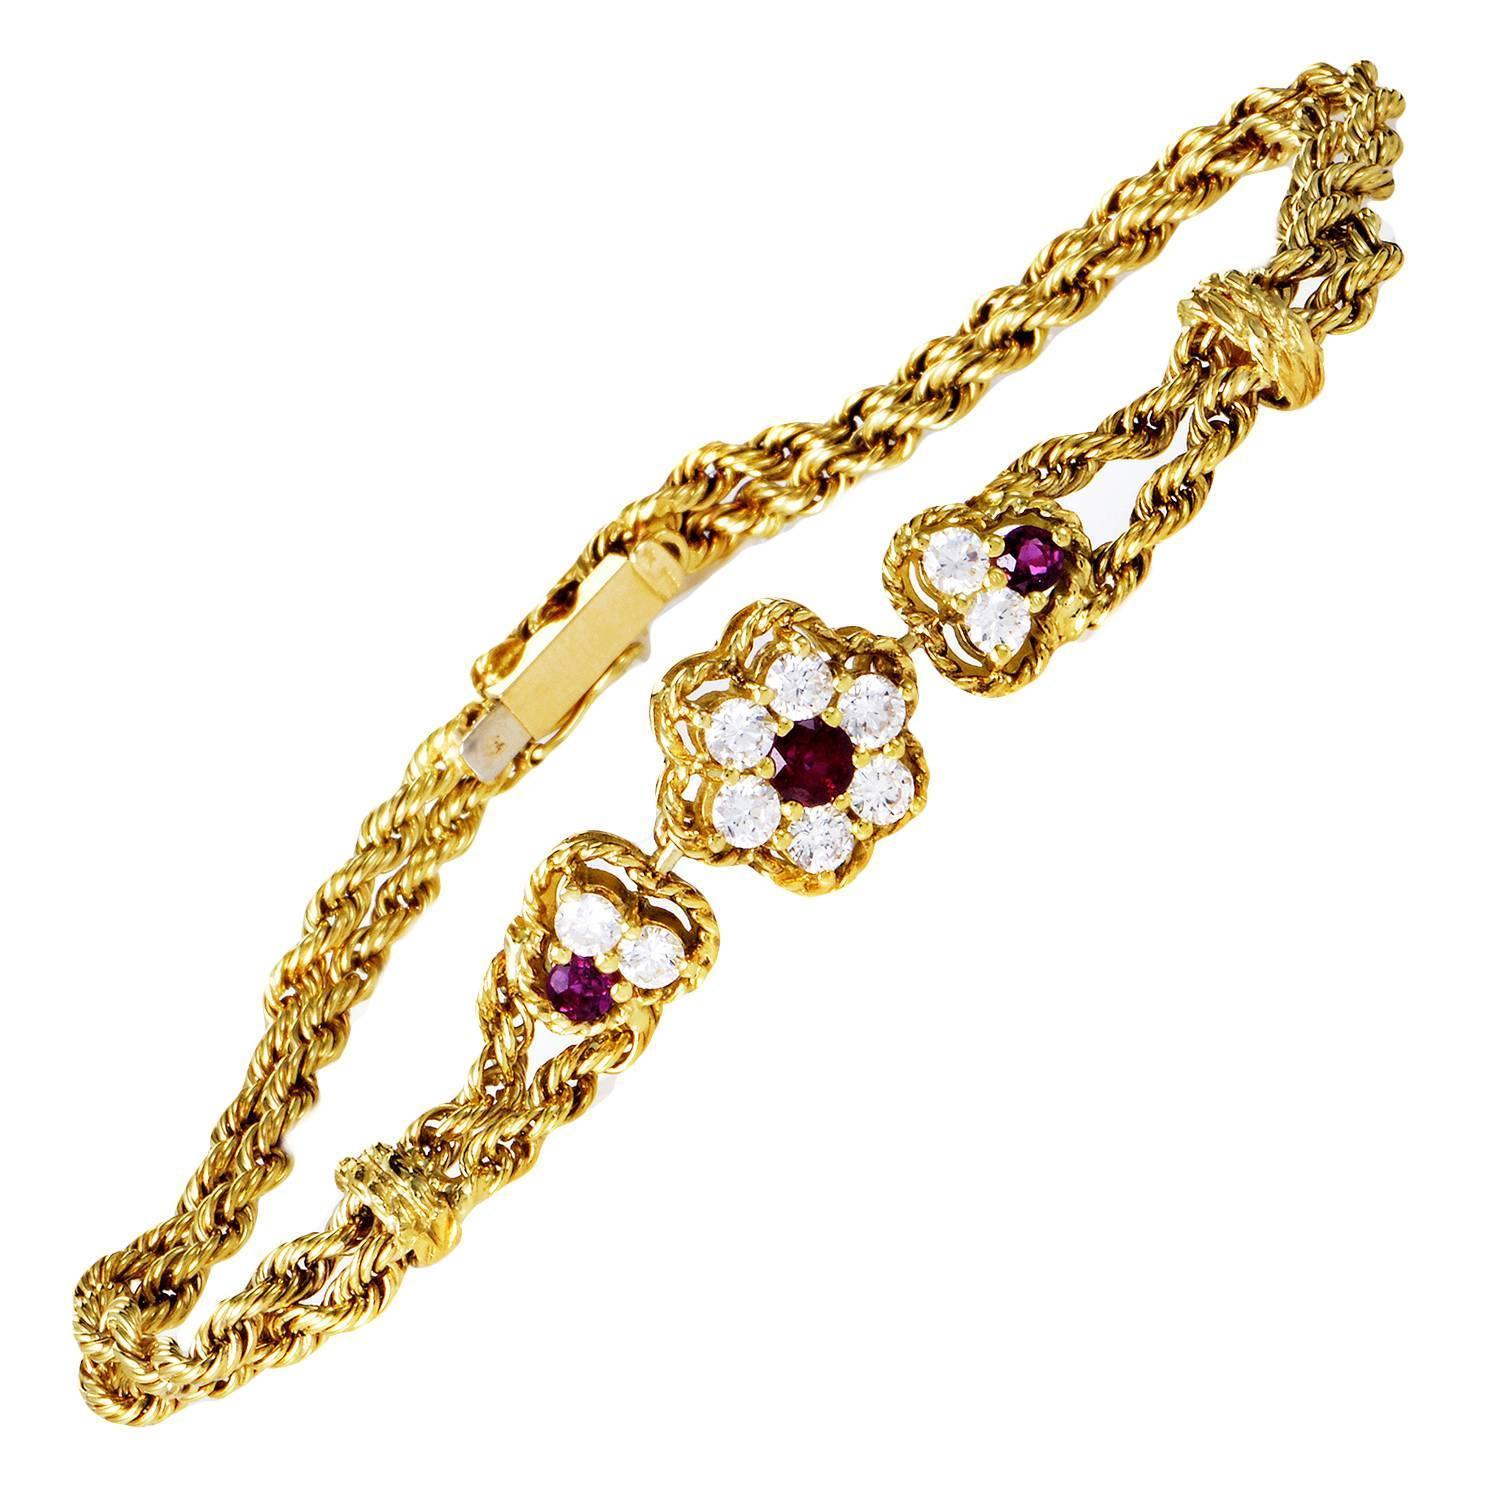 piaget ruby gold floral bracelet at 1stdibs